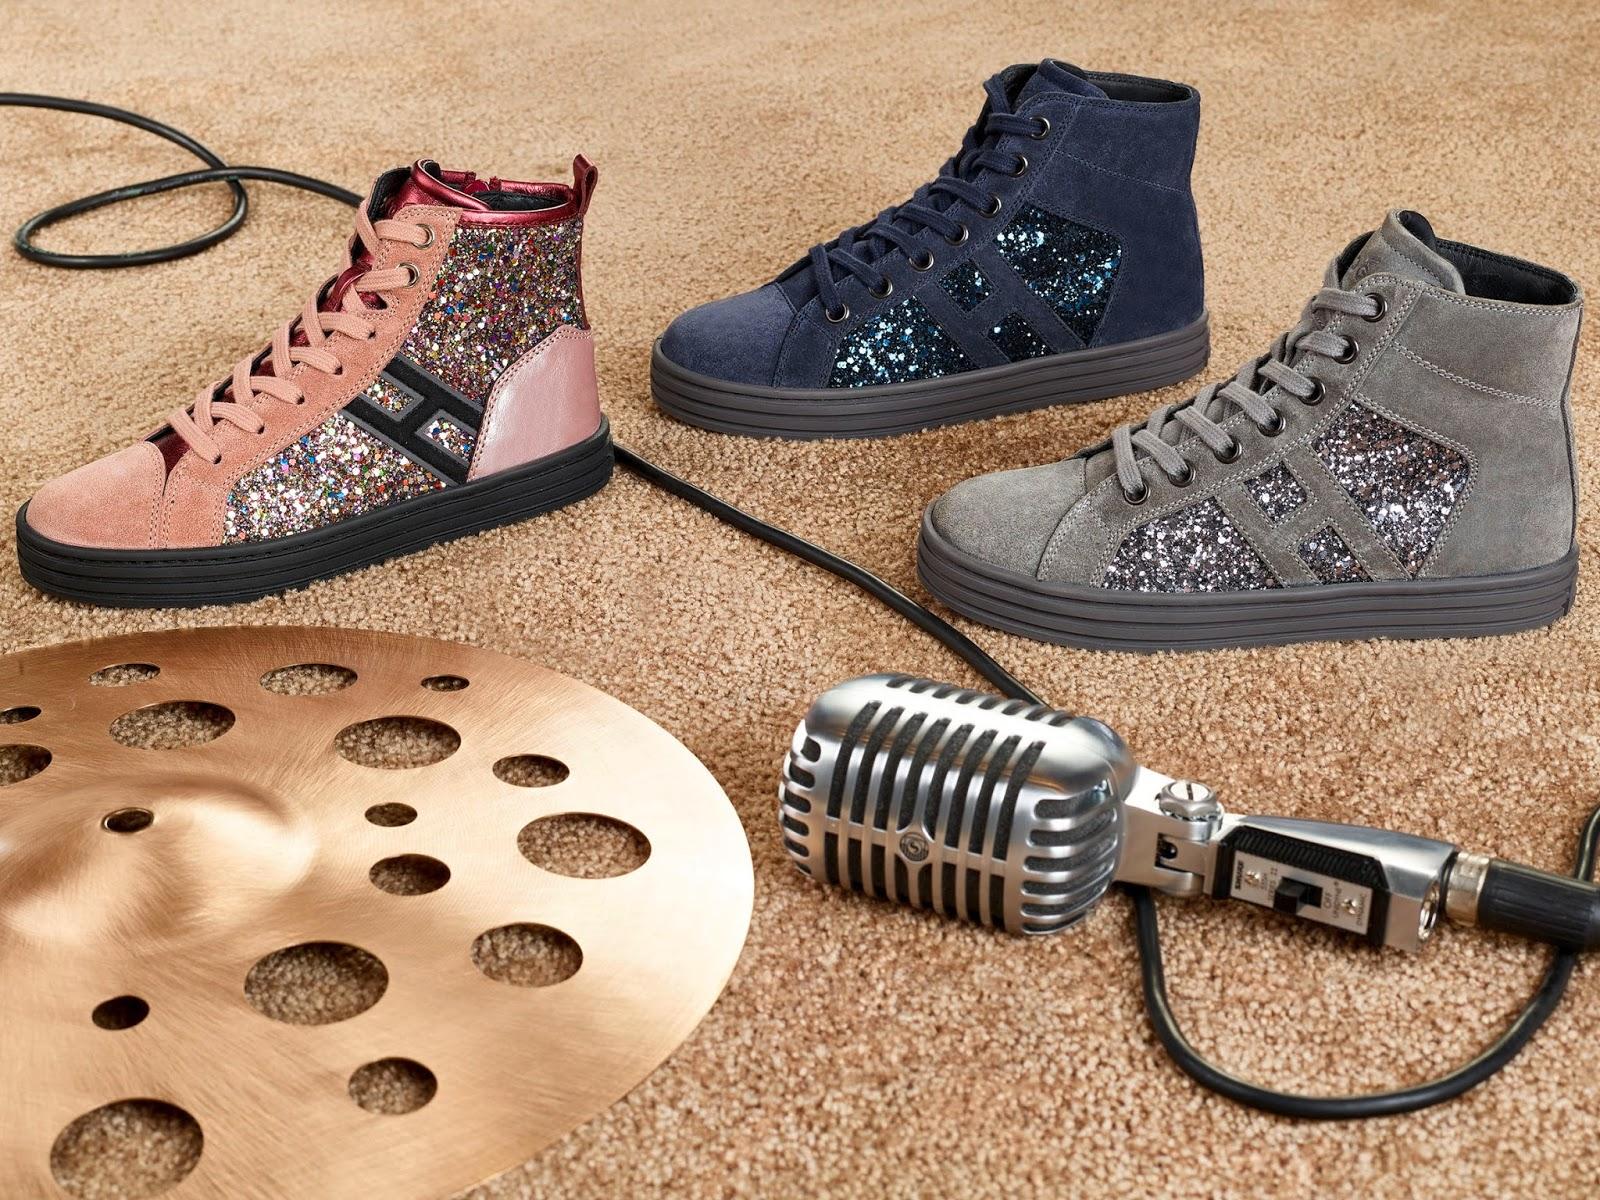 super qualità Garanzia di qualità al 100% più nuovo di vendita caldo Scarpe bambina Hogan: collezione Autunno Inverno 2017/18